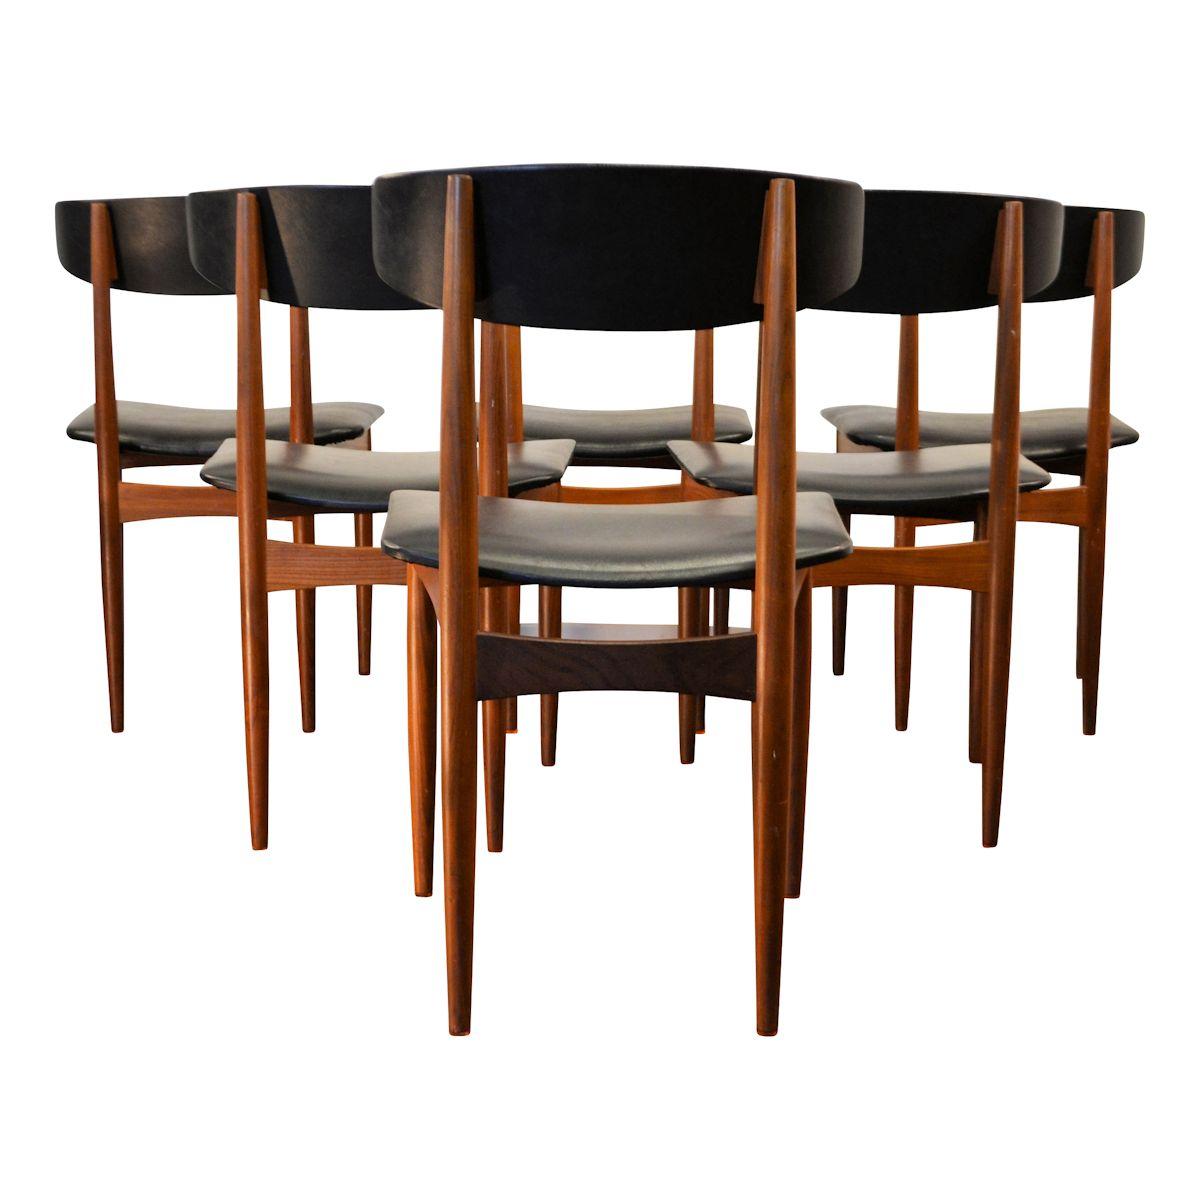 Vintage deens design teak eetkamerstoelen 6 vintage vibes for Eetkamerstoelen deens design